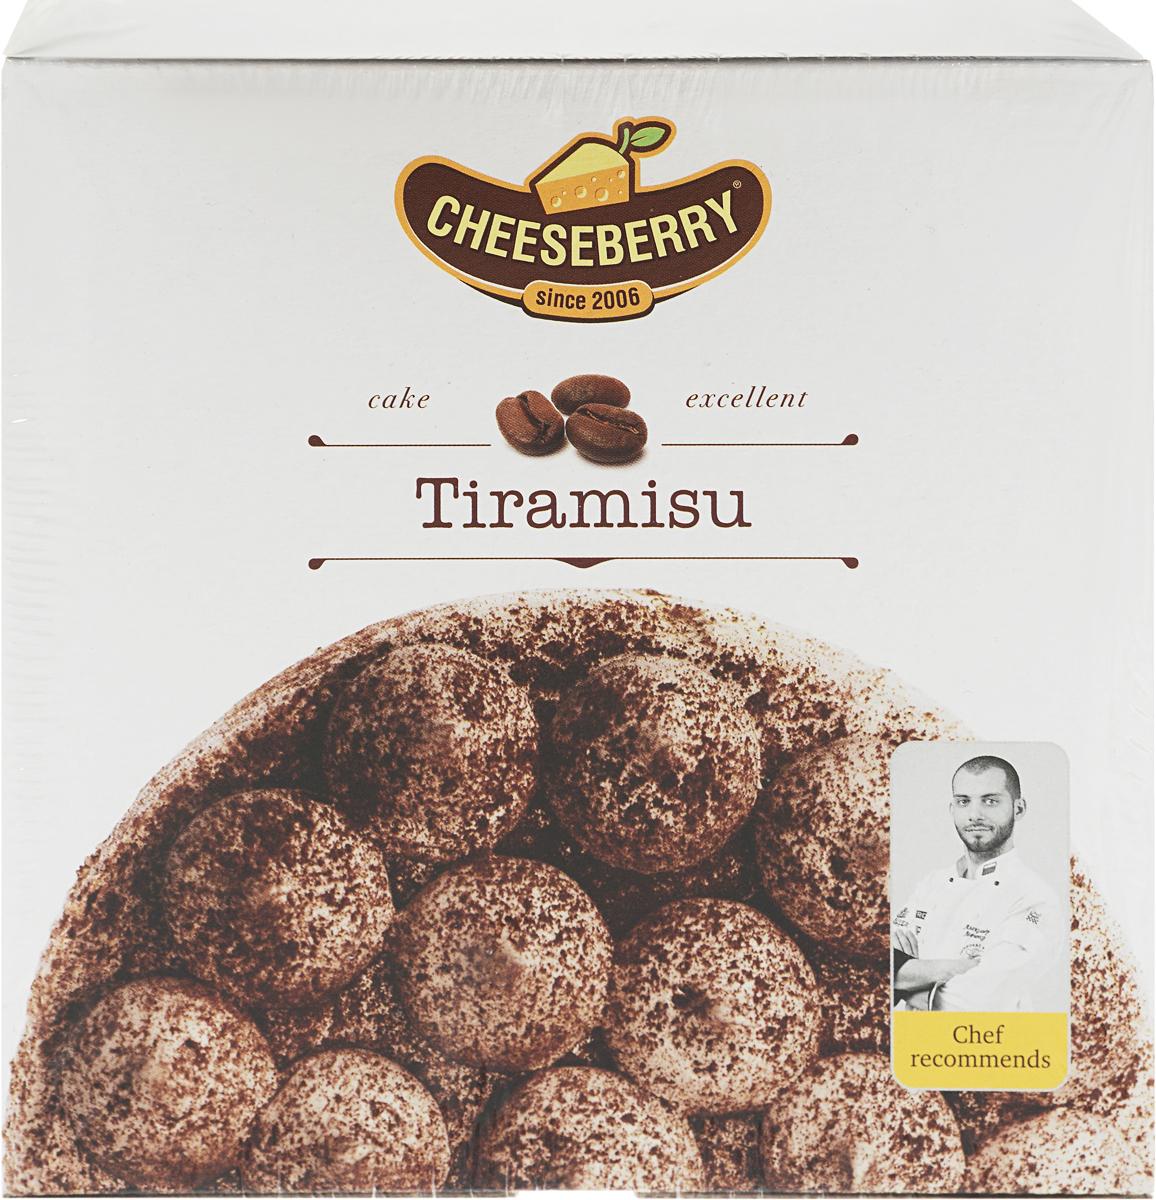 Cheeseberry Торт Тирамису, 350 г пудовъ торт брауни 350 г